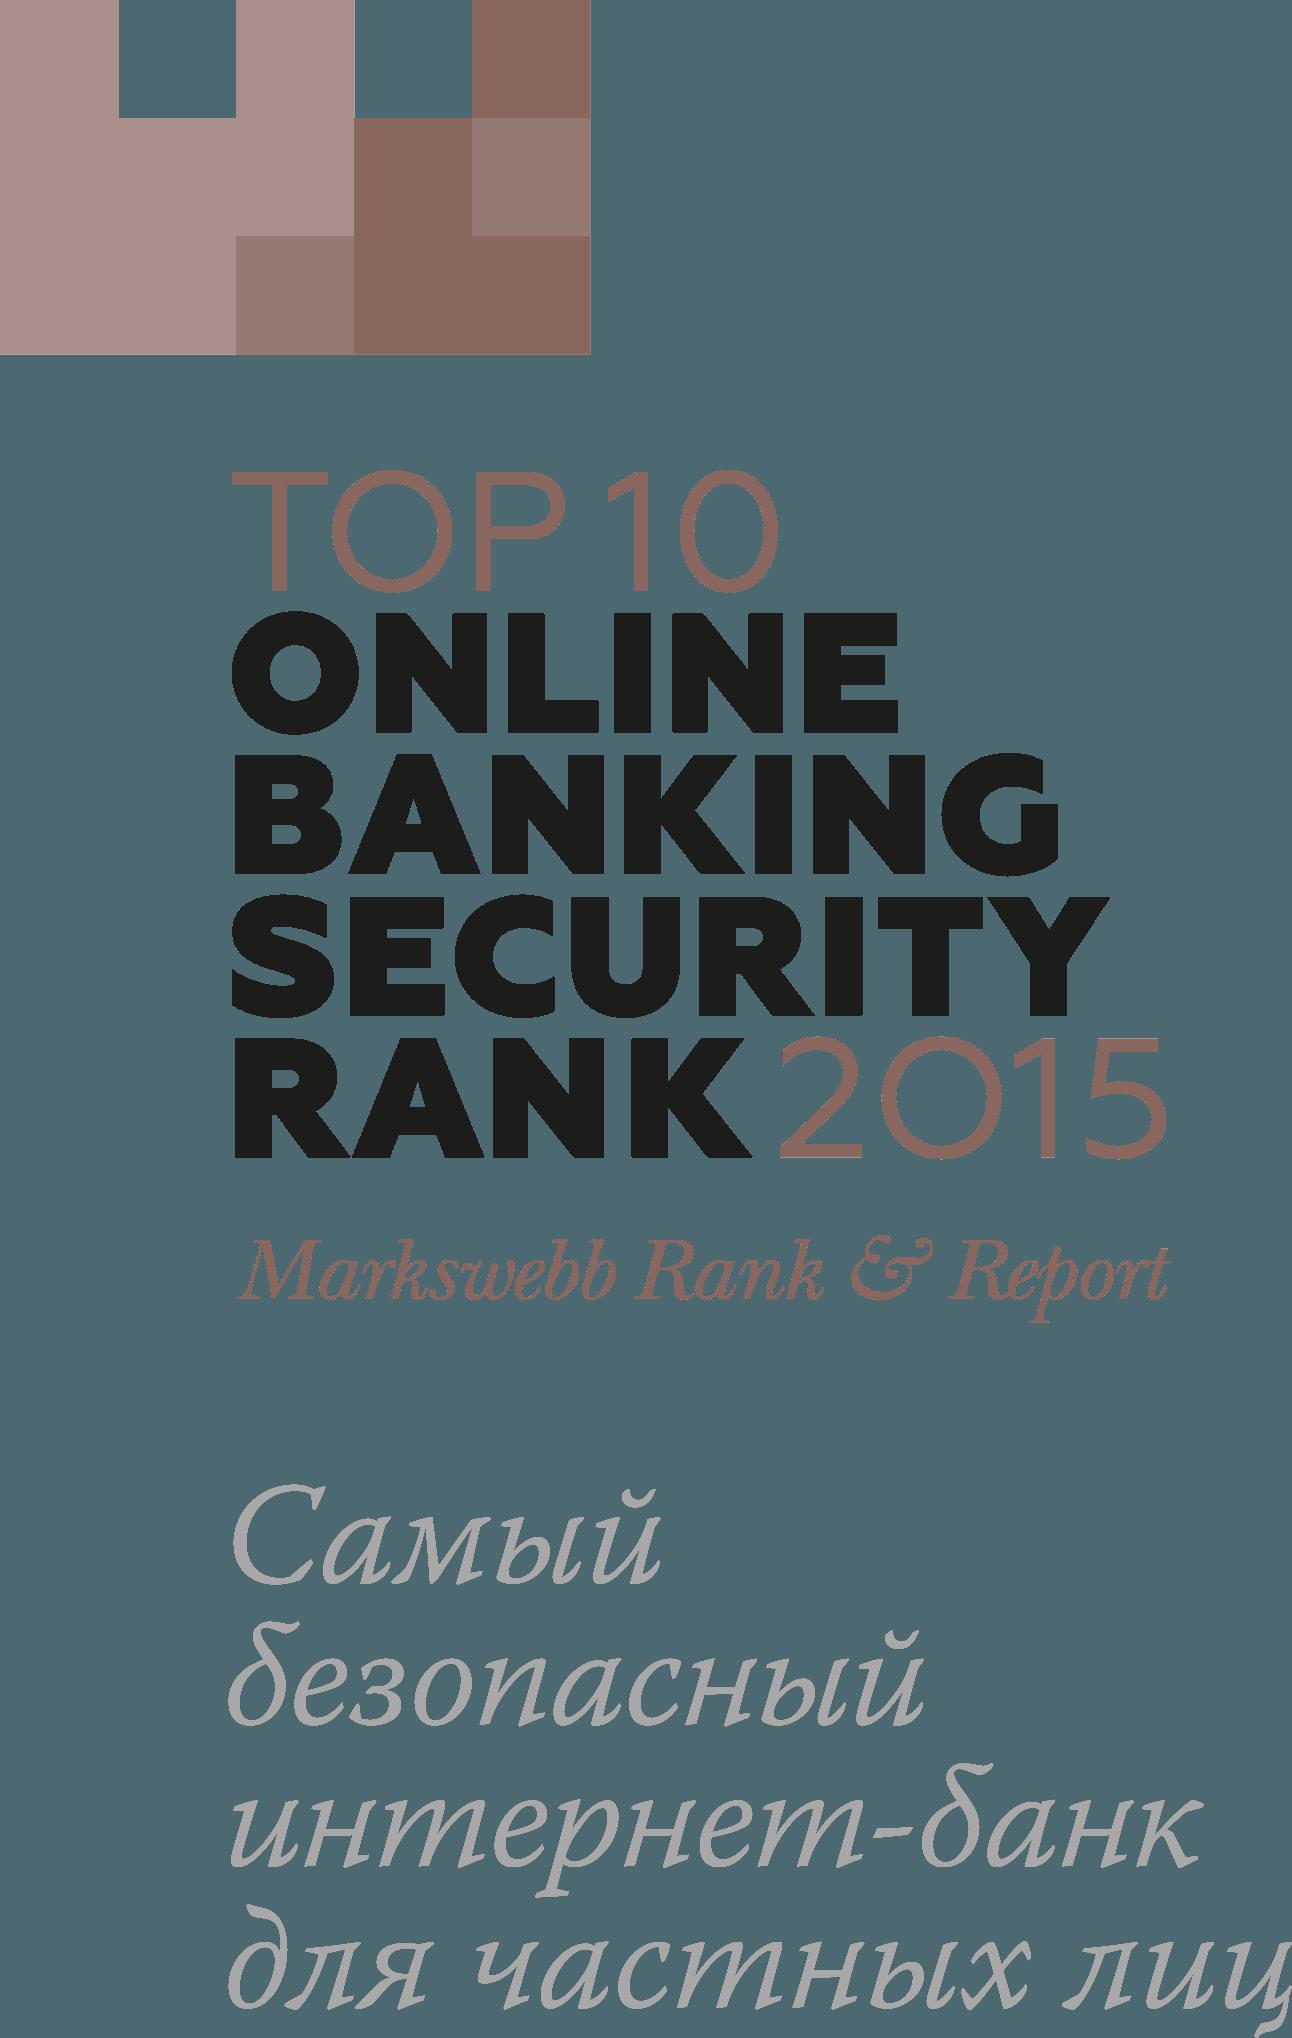 Интернет-банк «Русский Стандарт»: управление своими счетами онлайн и другие возможности интернет-банкинга